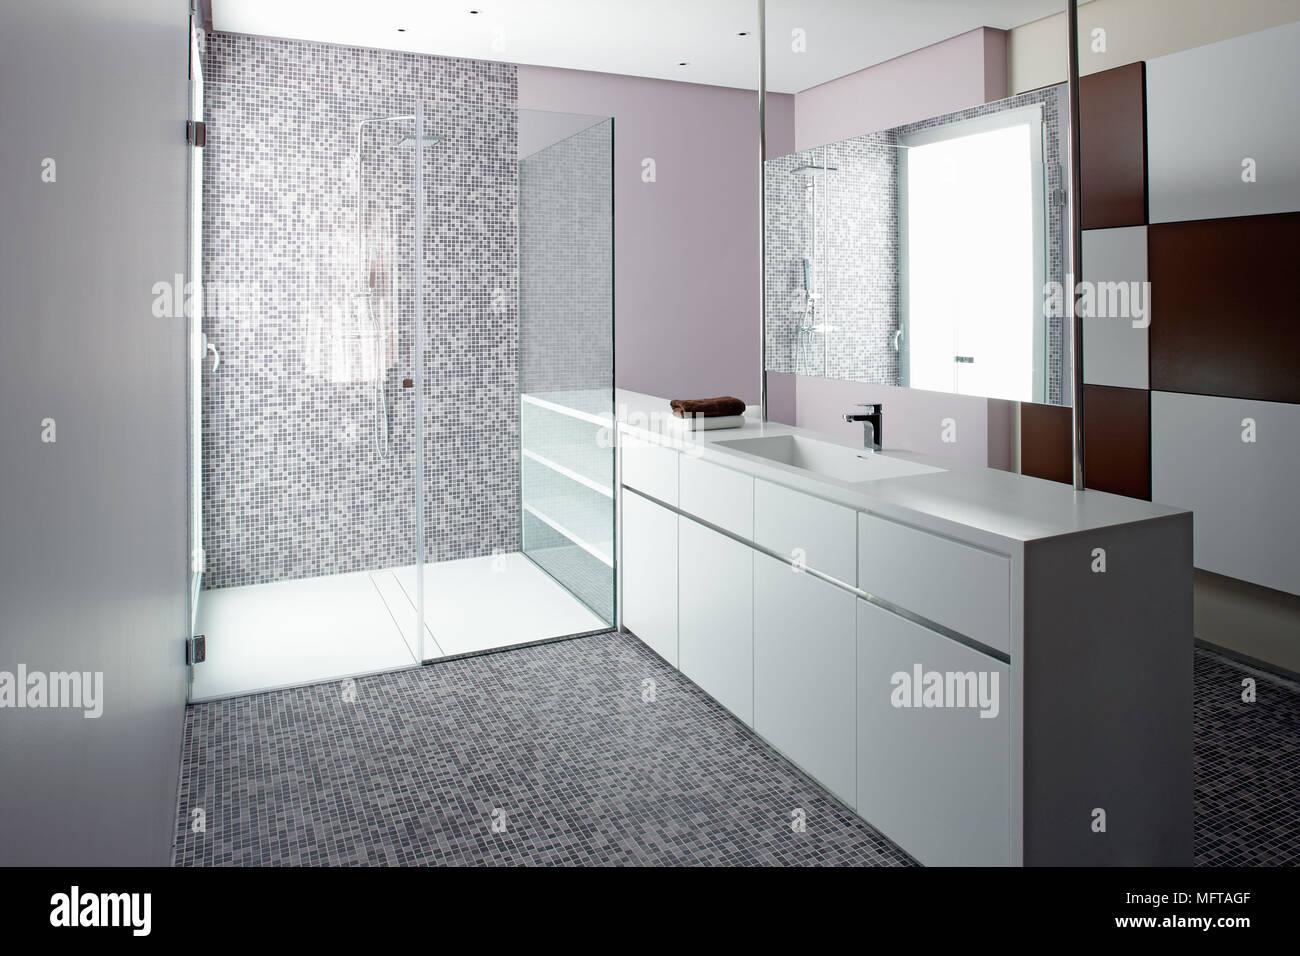 Credenza Moderna In Vetro : Specchio sopra lavabo serie in unità di credenza accanto alla zona